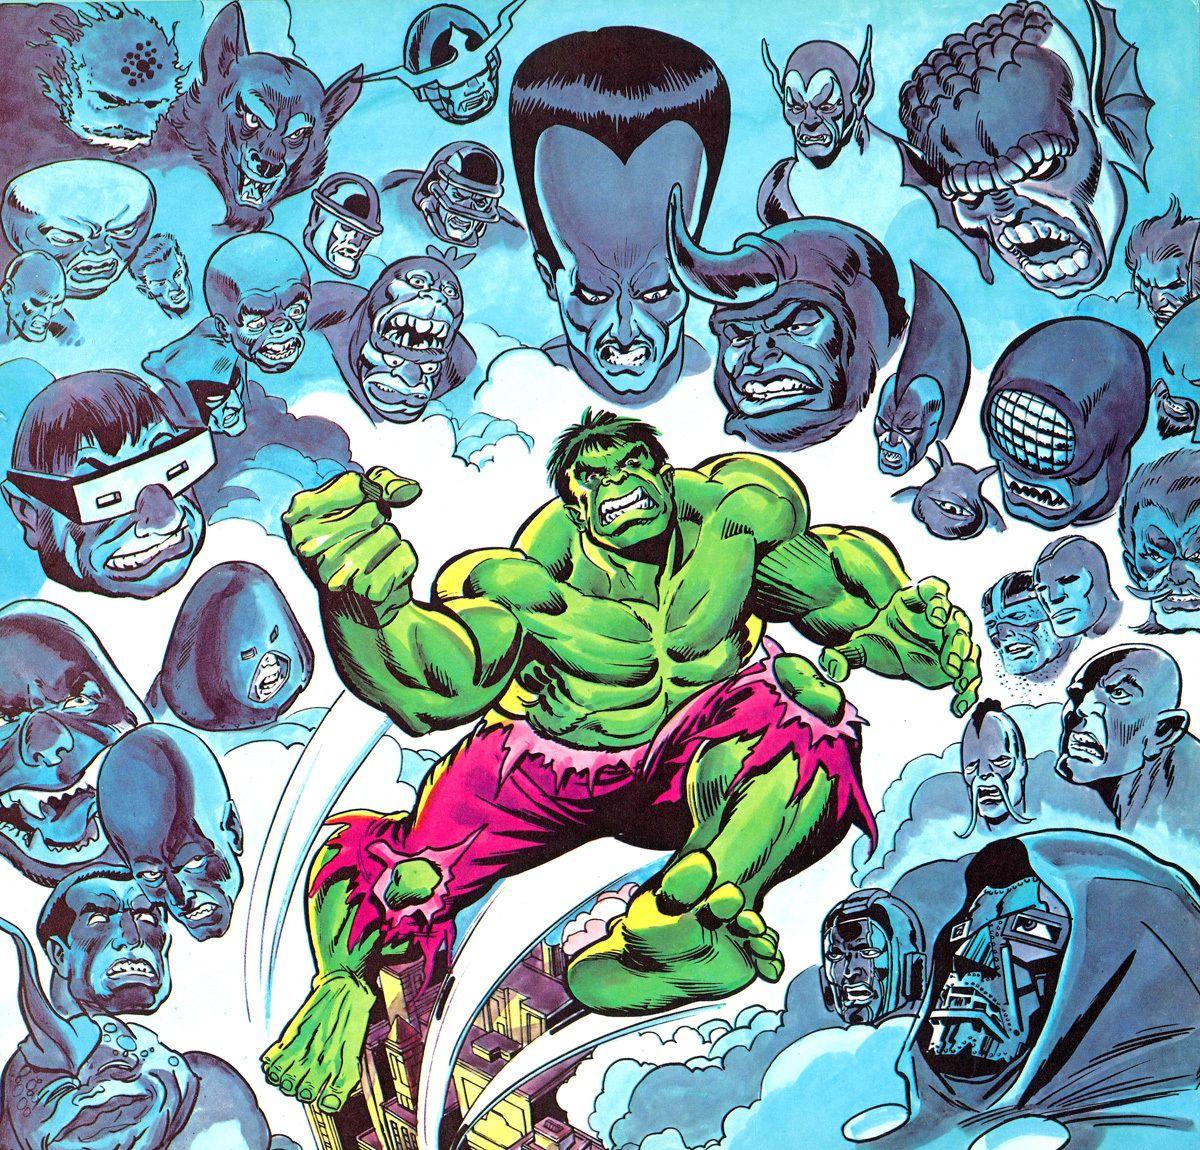 Many Foes Has the Hulk!